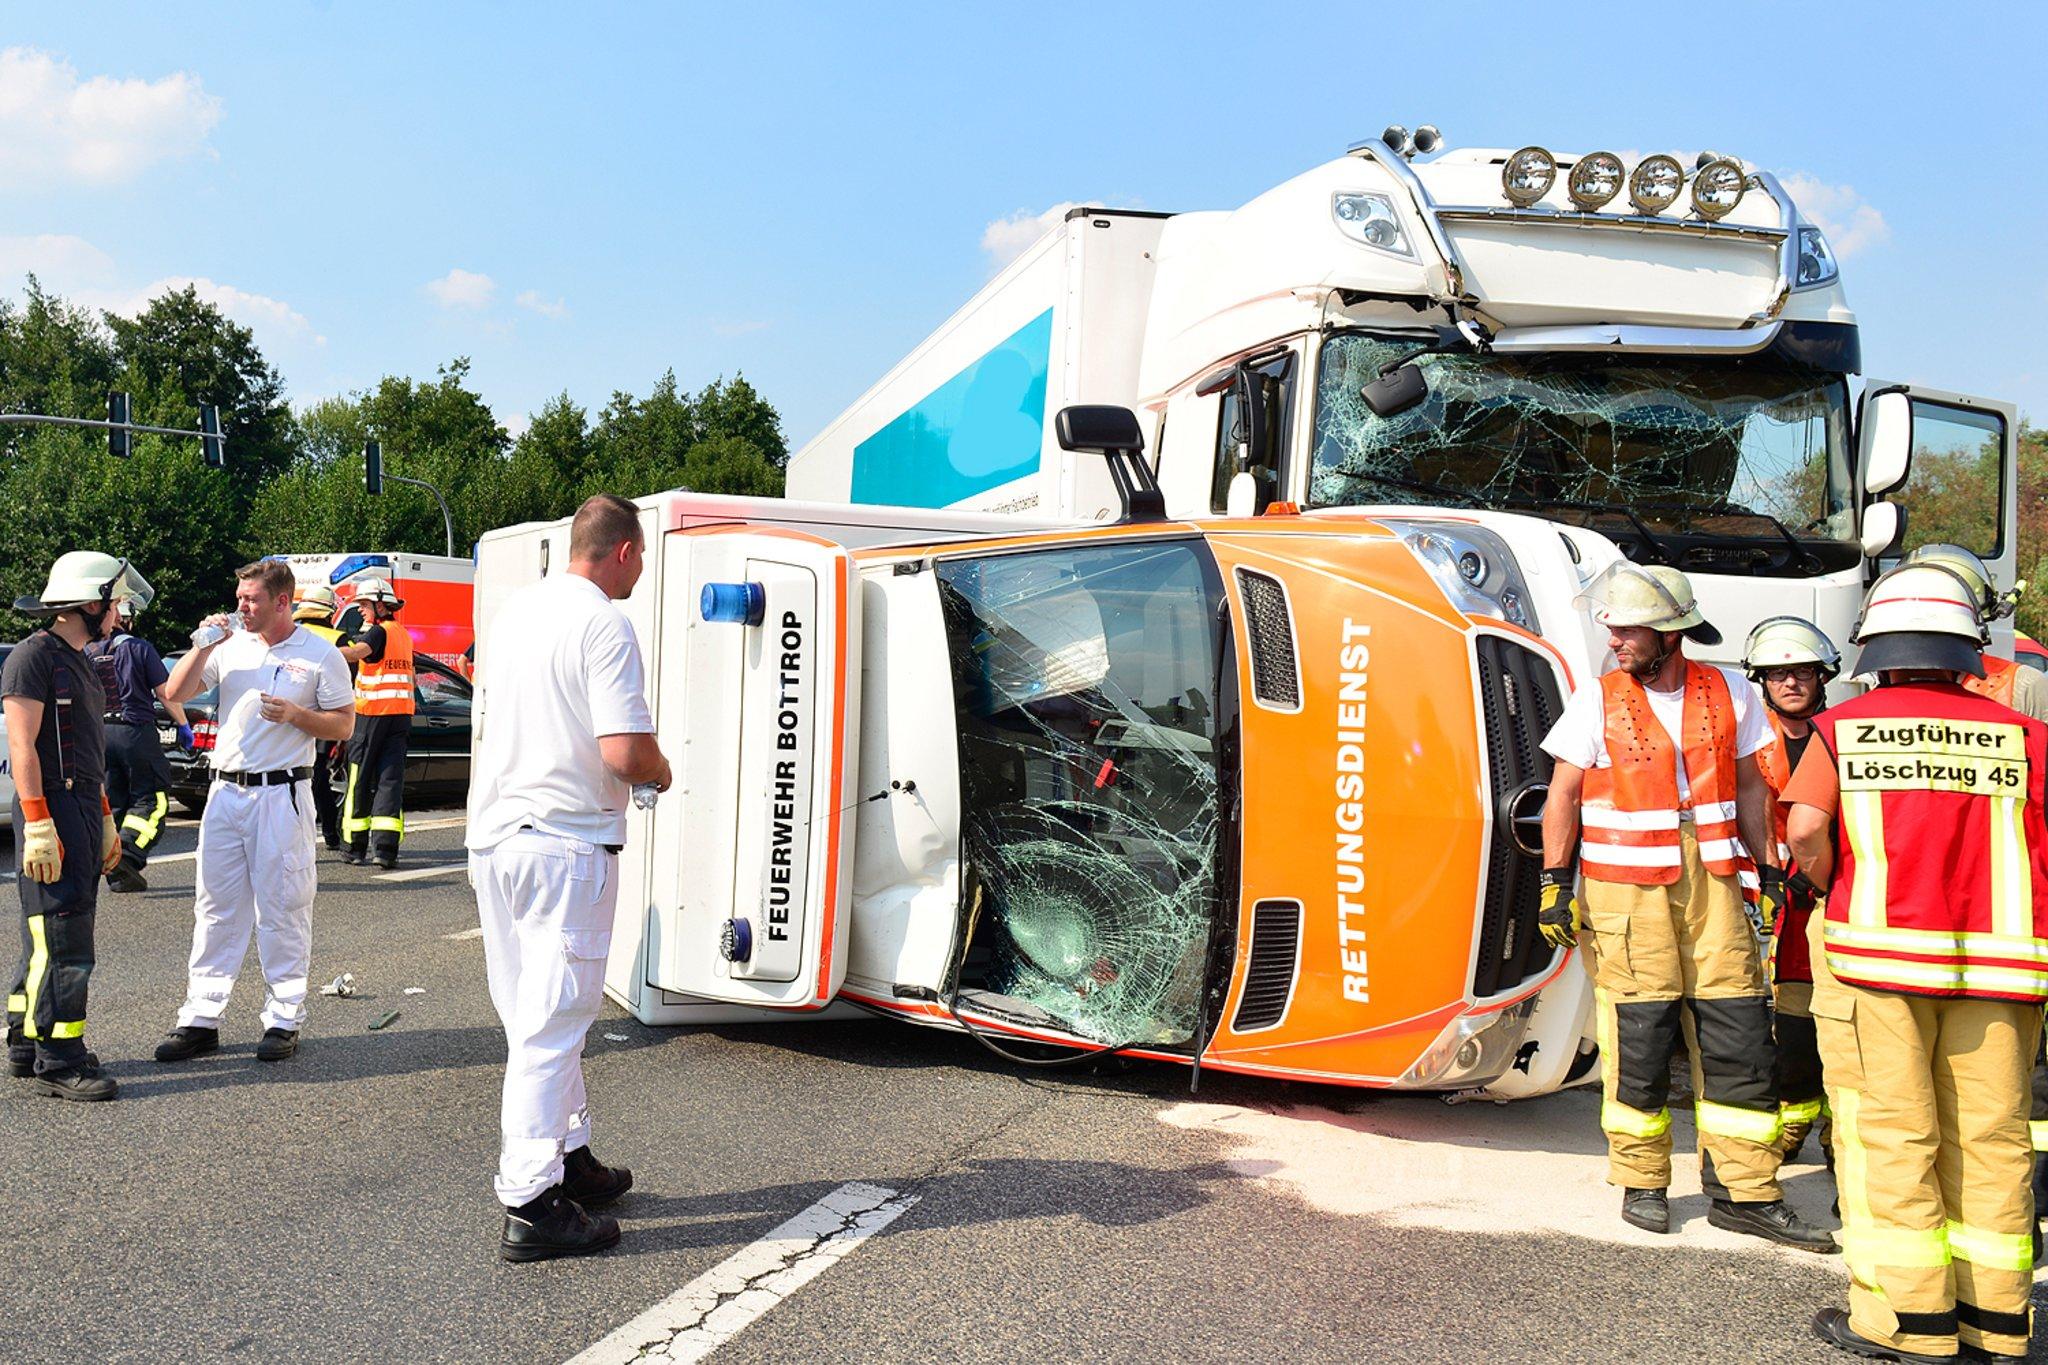 Update B 224 In Gladbeck Lkw Rammt Feuerwehr Rettungswagen Gladbeck